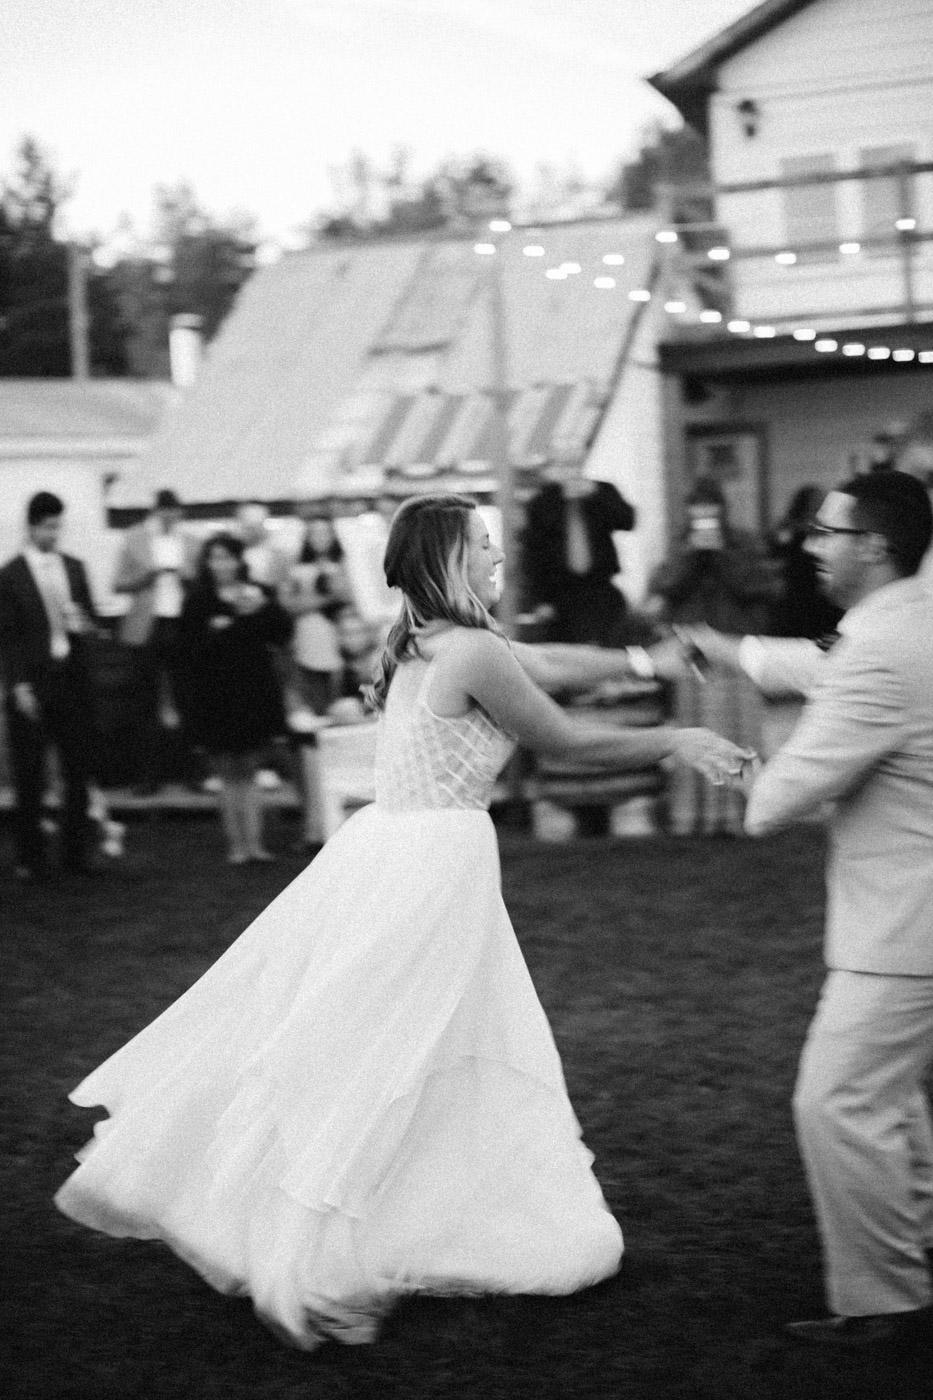 toronto_wedding_photographer_backyard_wedding-47.jpg